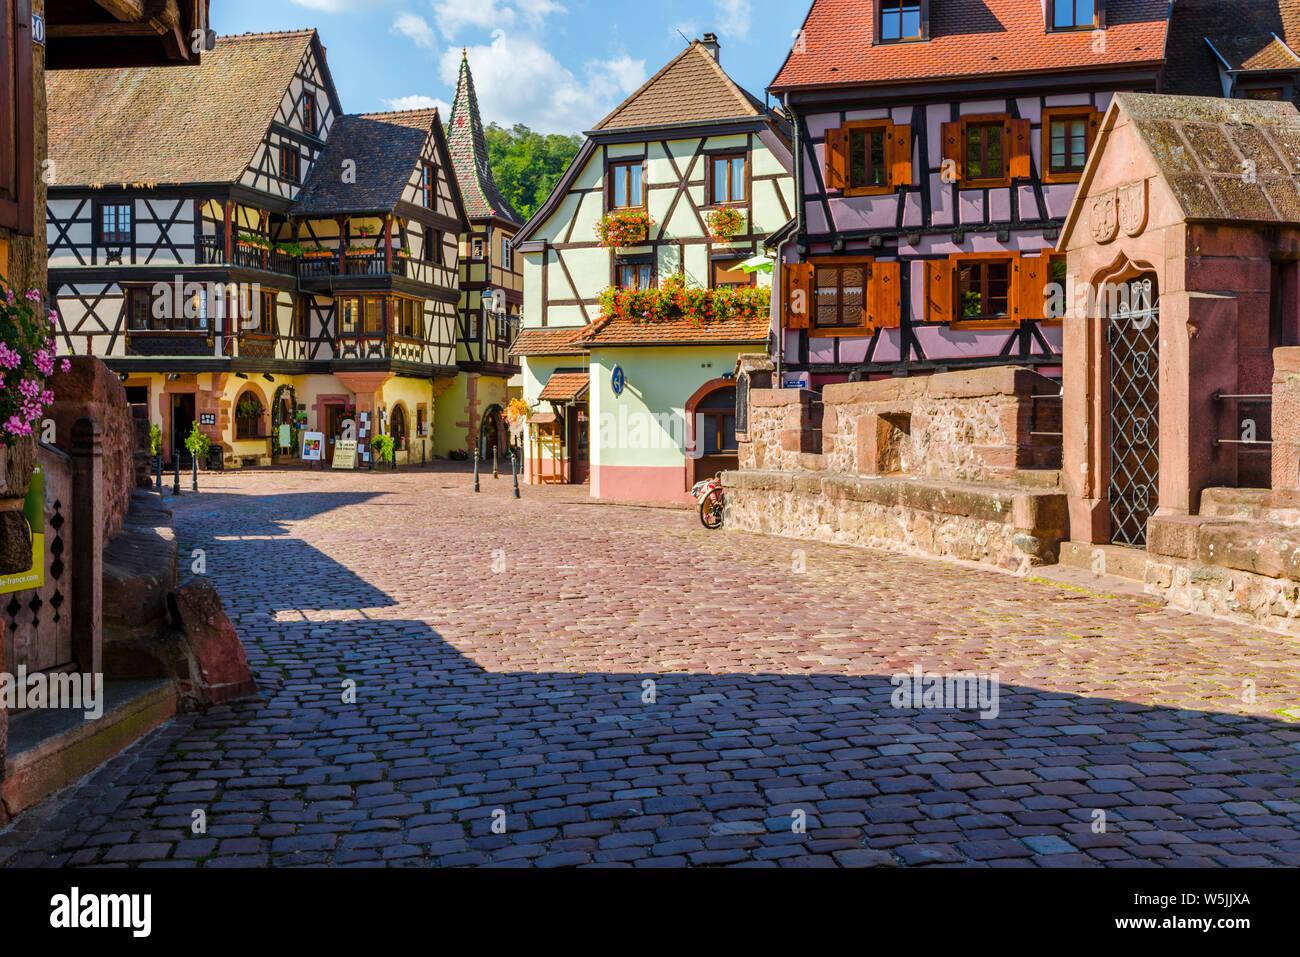 Vieille ville pittoresque dans le centre historique de Kaysersberg, Alsace, France, vieille ville avec des maisons colorées à colombages et pont de pierre Banque D'Images